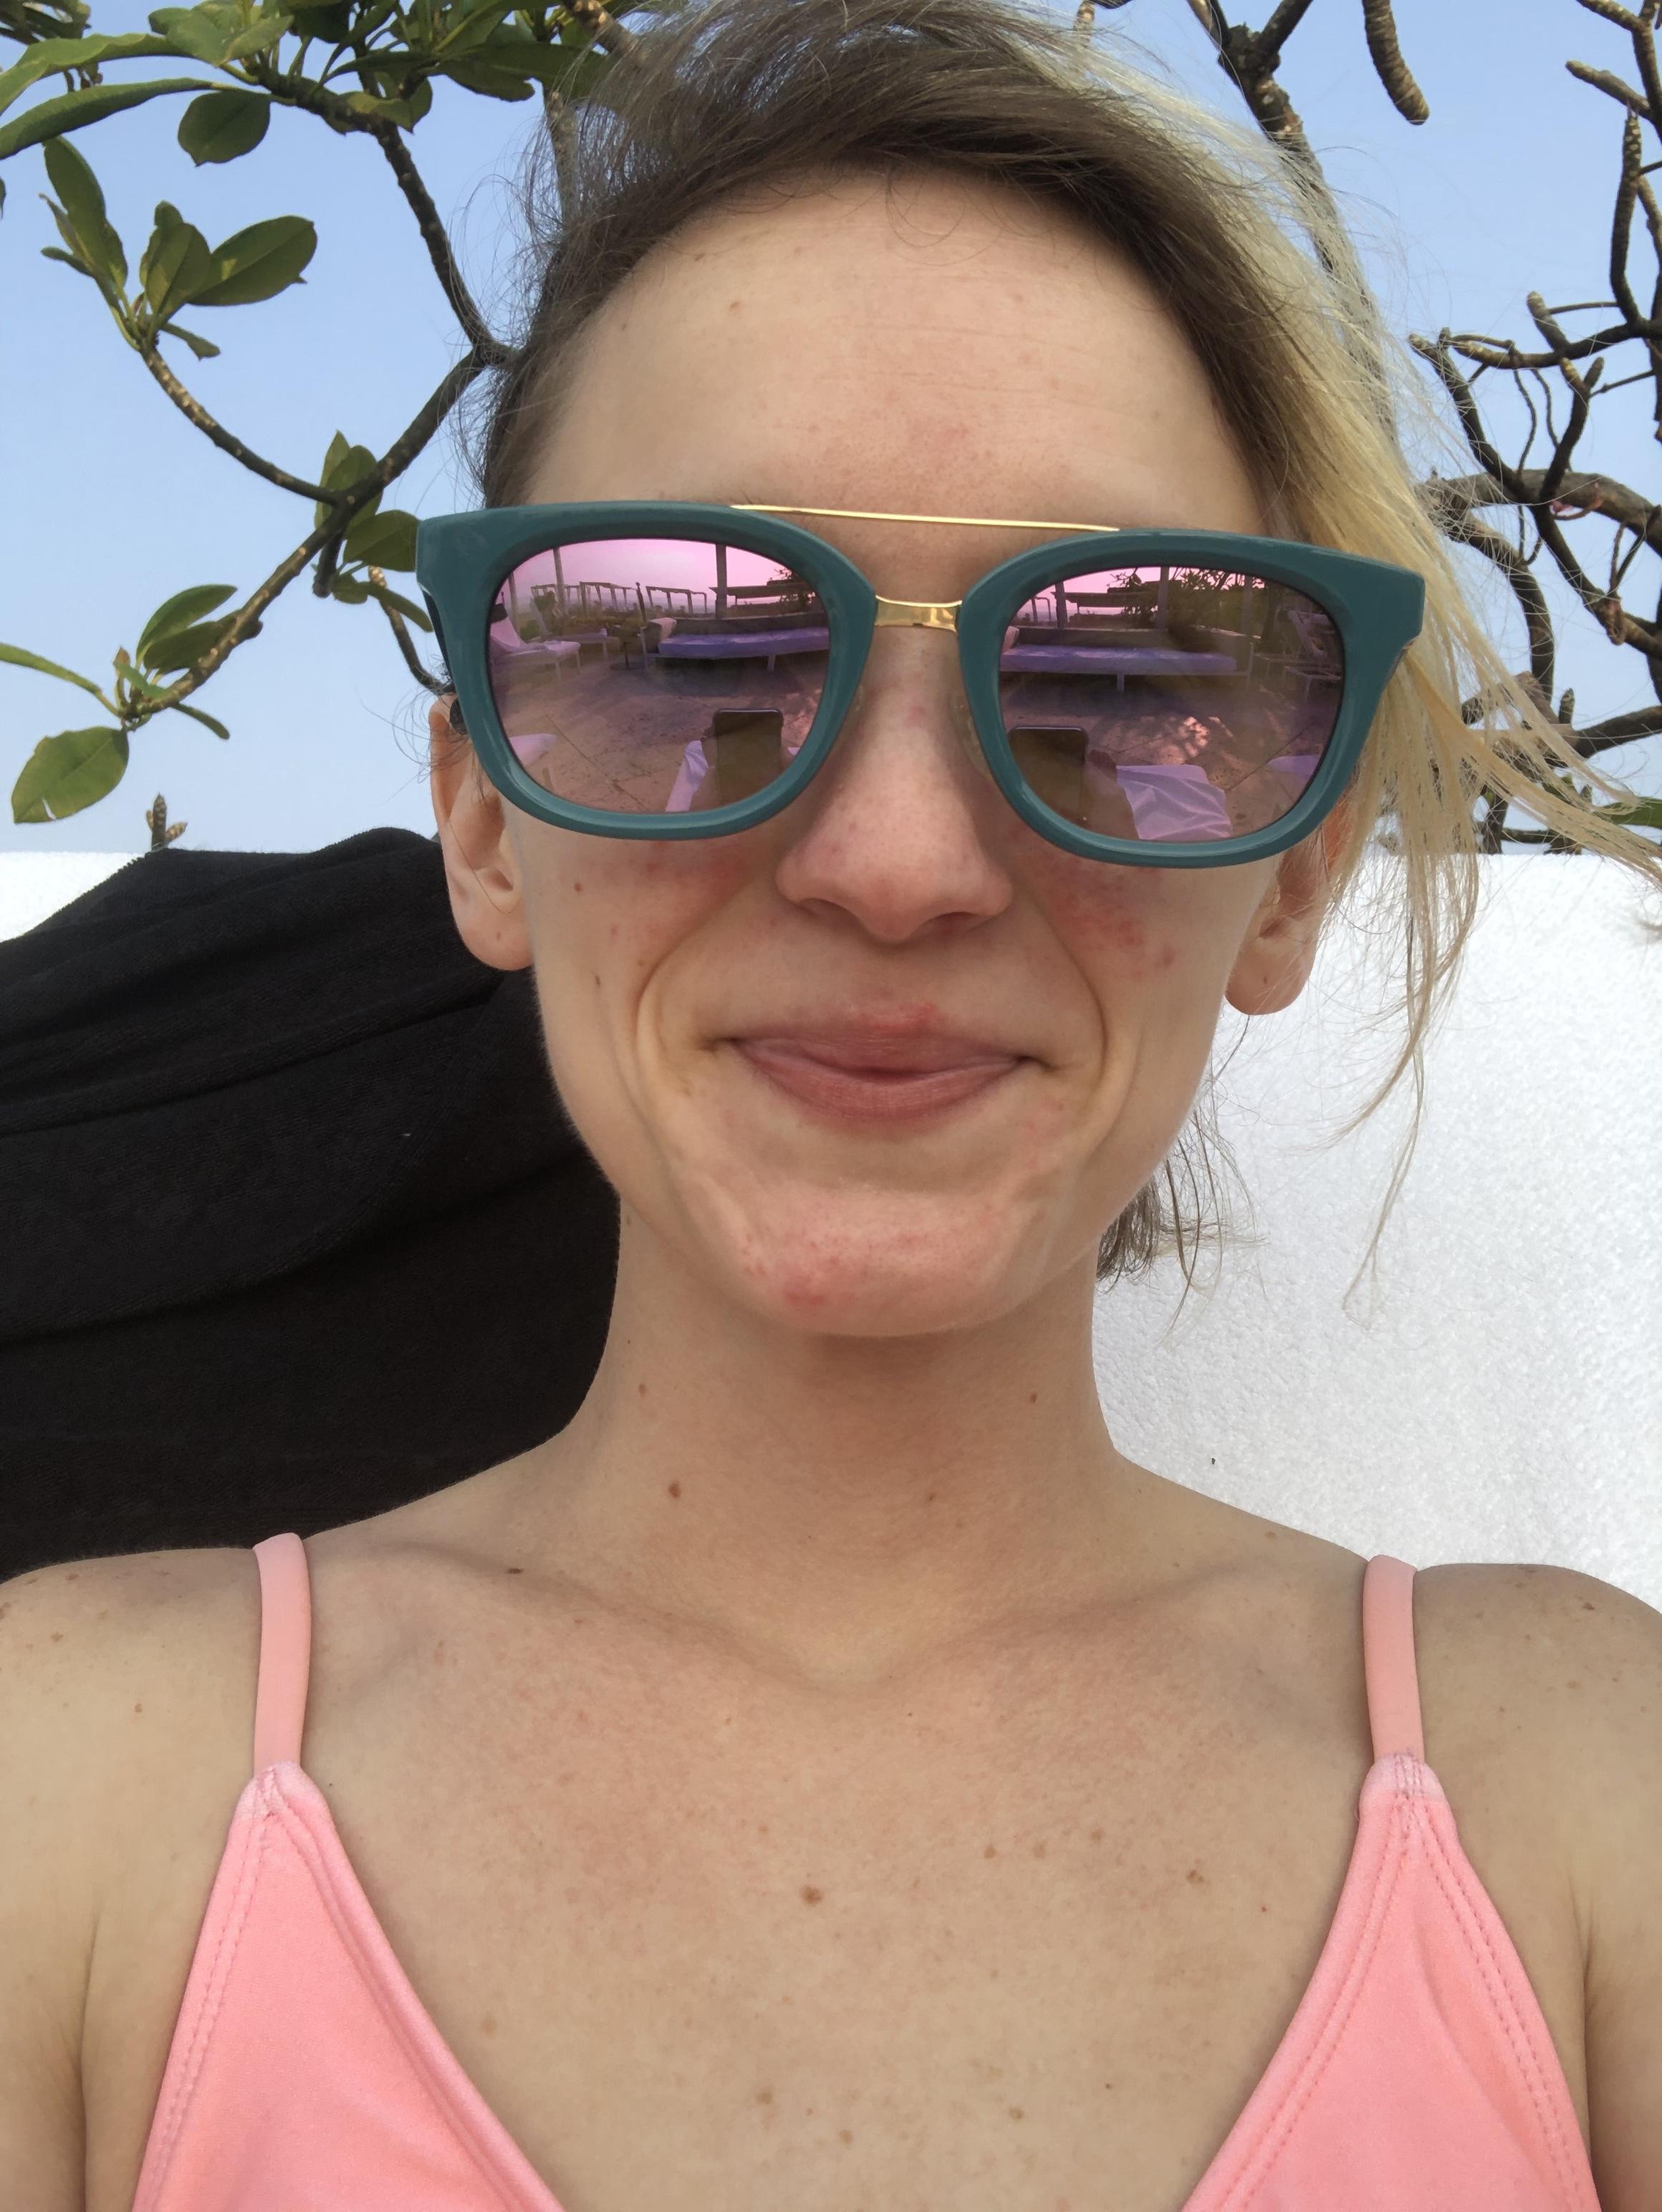 Me, mid-sunburn.